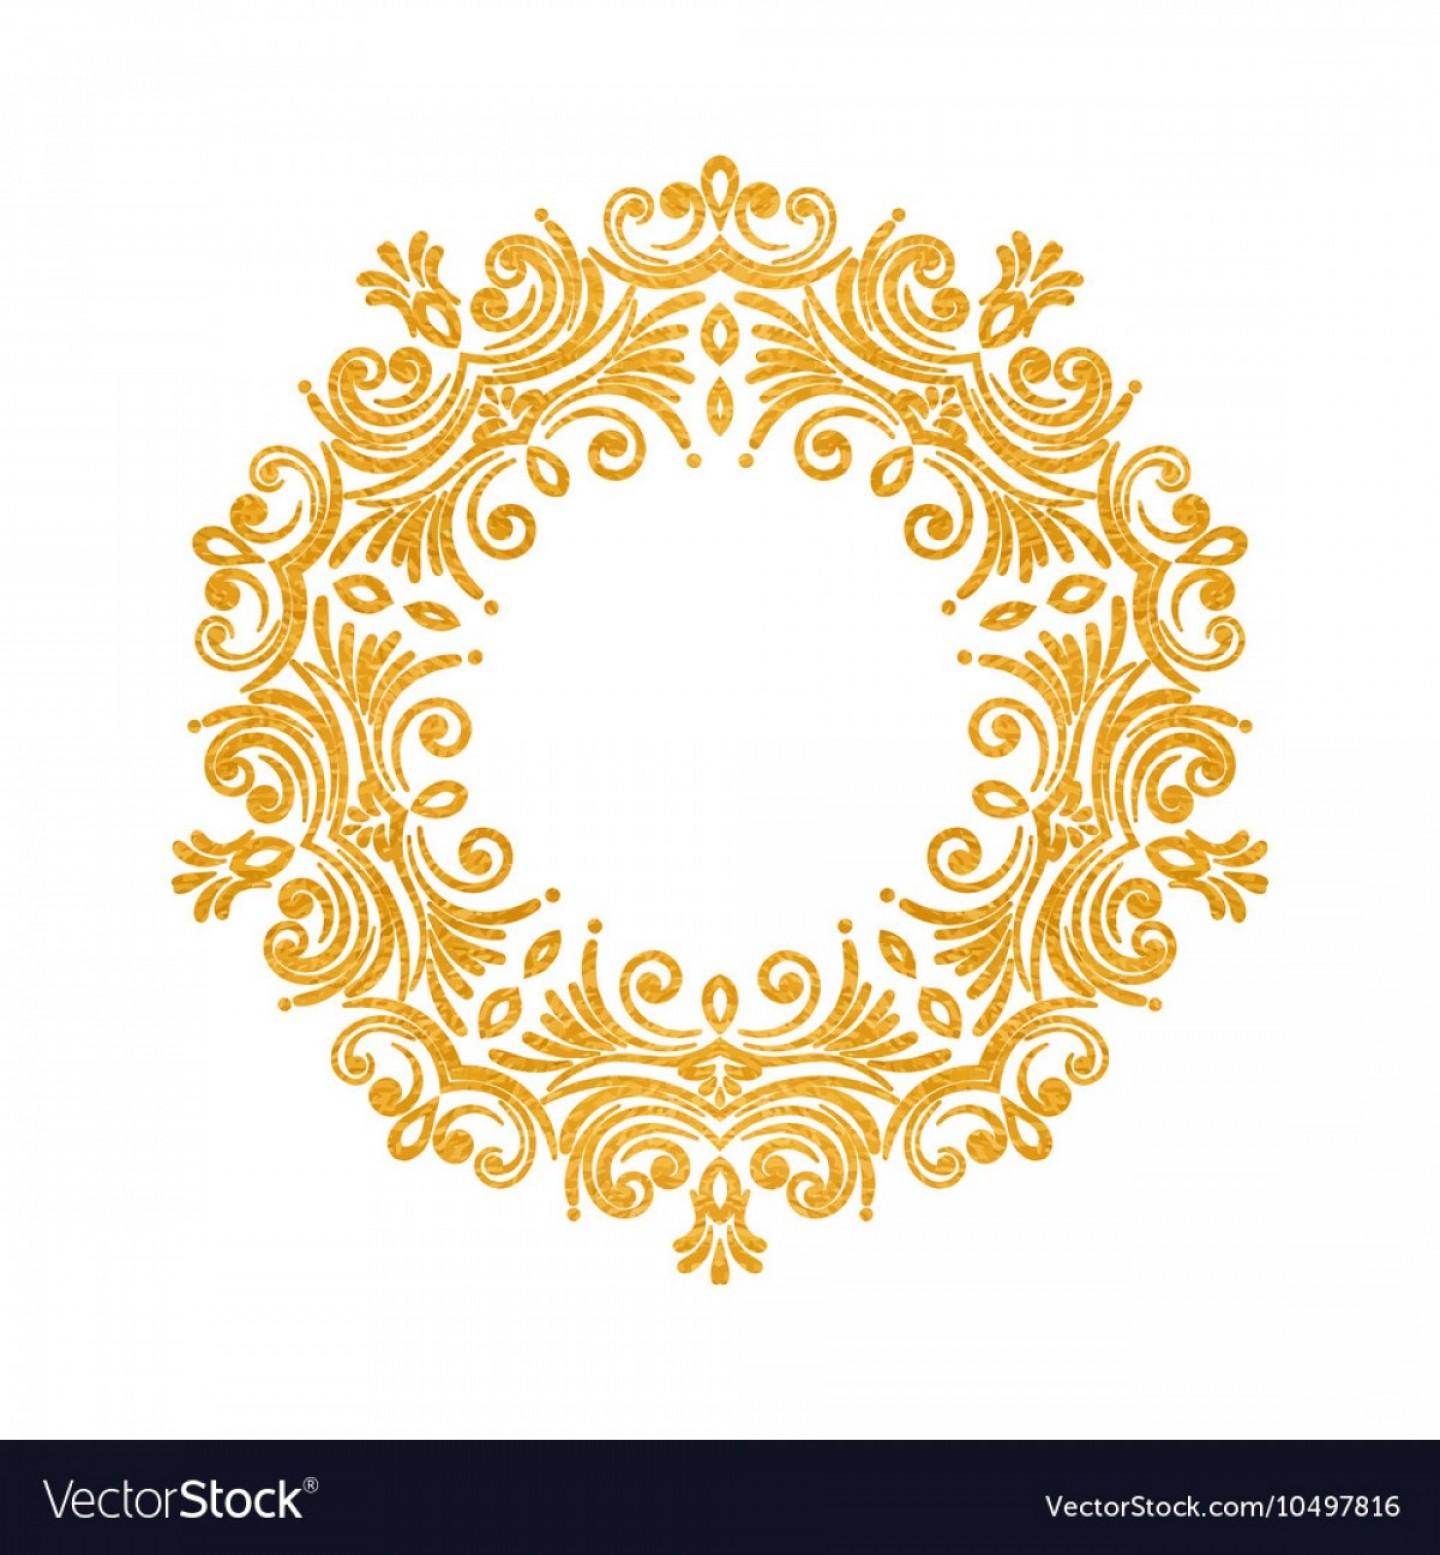 Elegant Luxury Vintage Round Gold Floral Frame Vector.